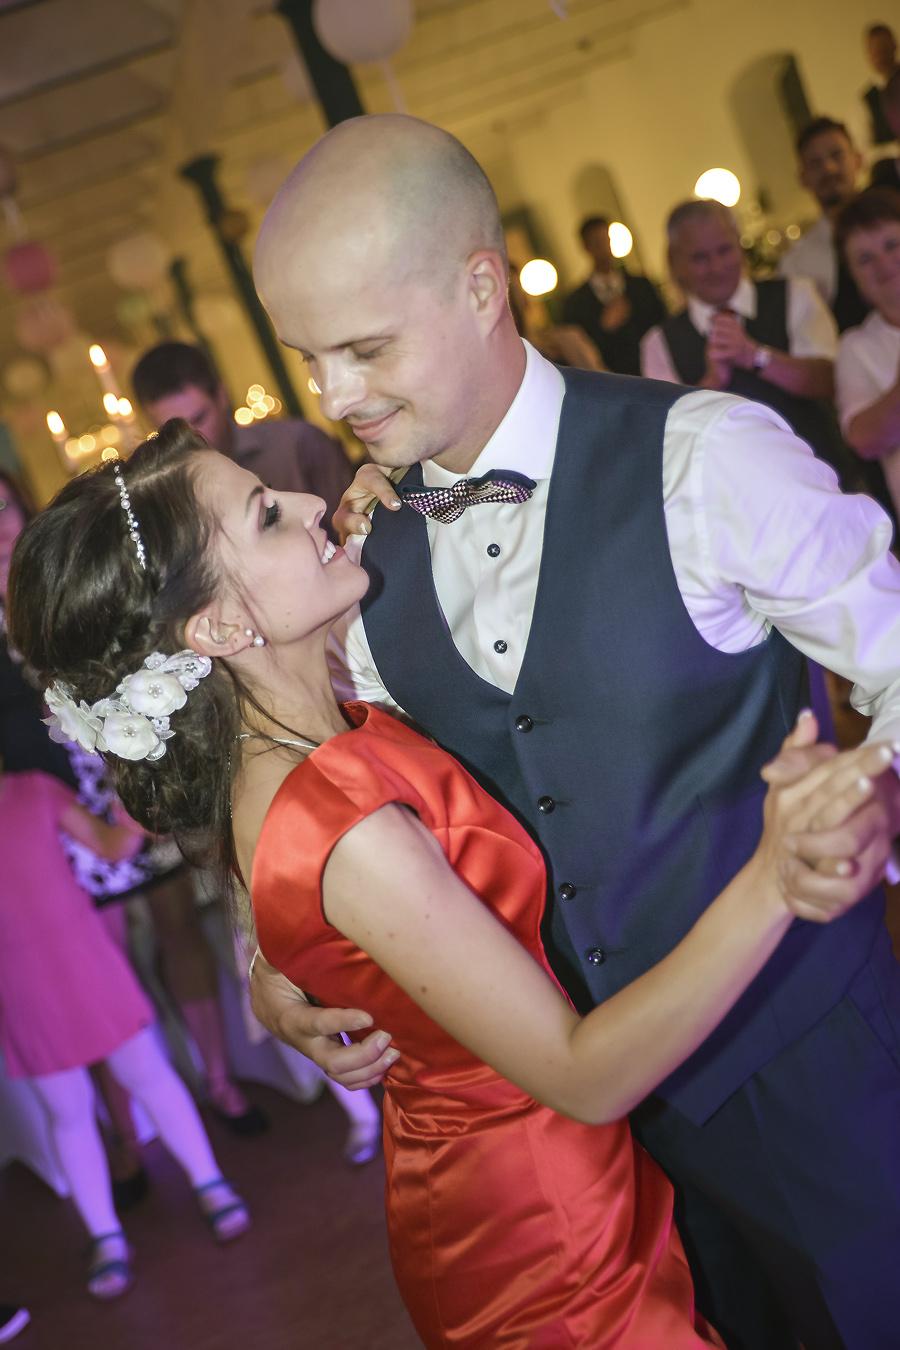 Fotograf zur Hochzeitsfeier